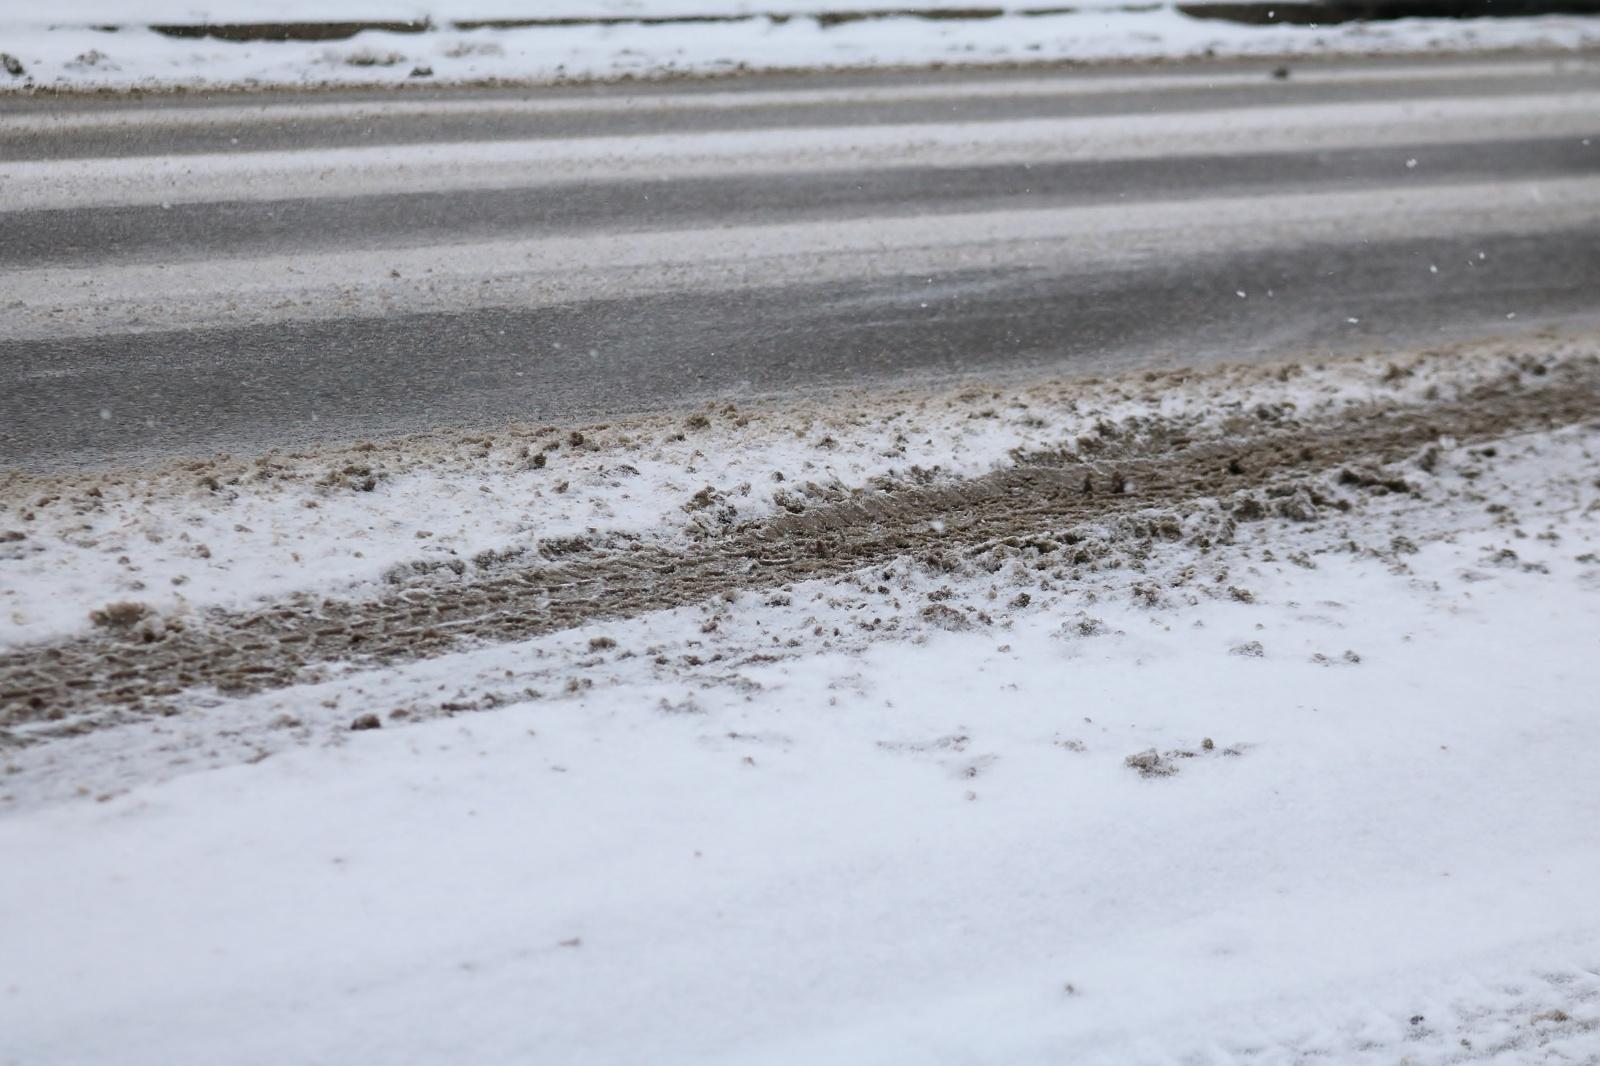 Kelių būklė ir eismo sąlygos: yra slidžių kelio ruožų